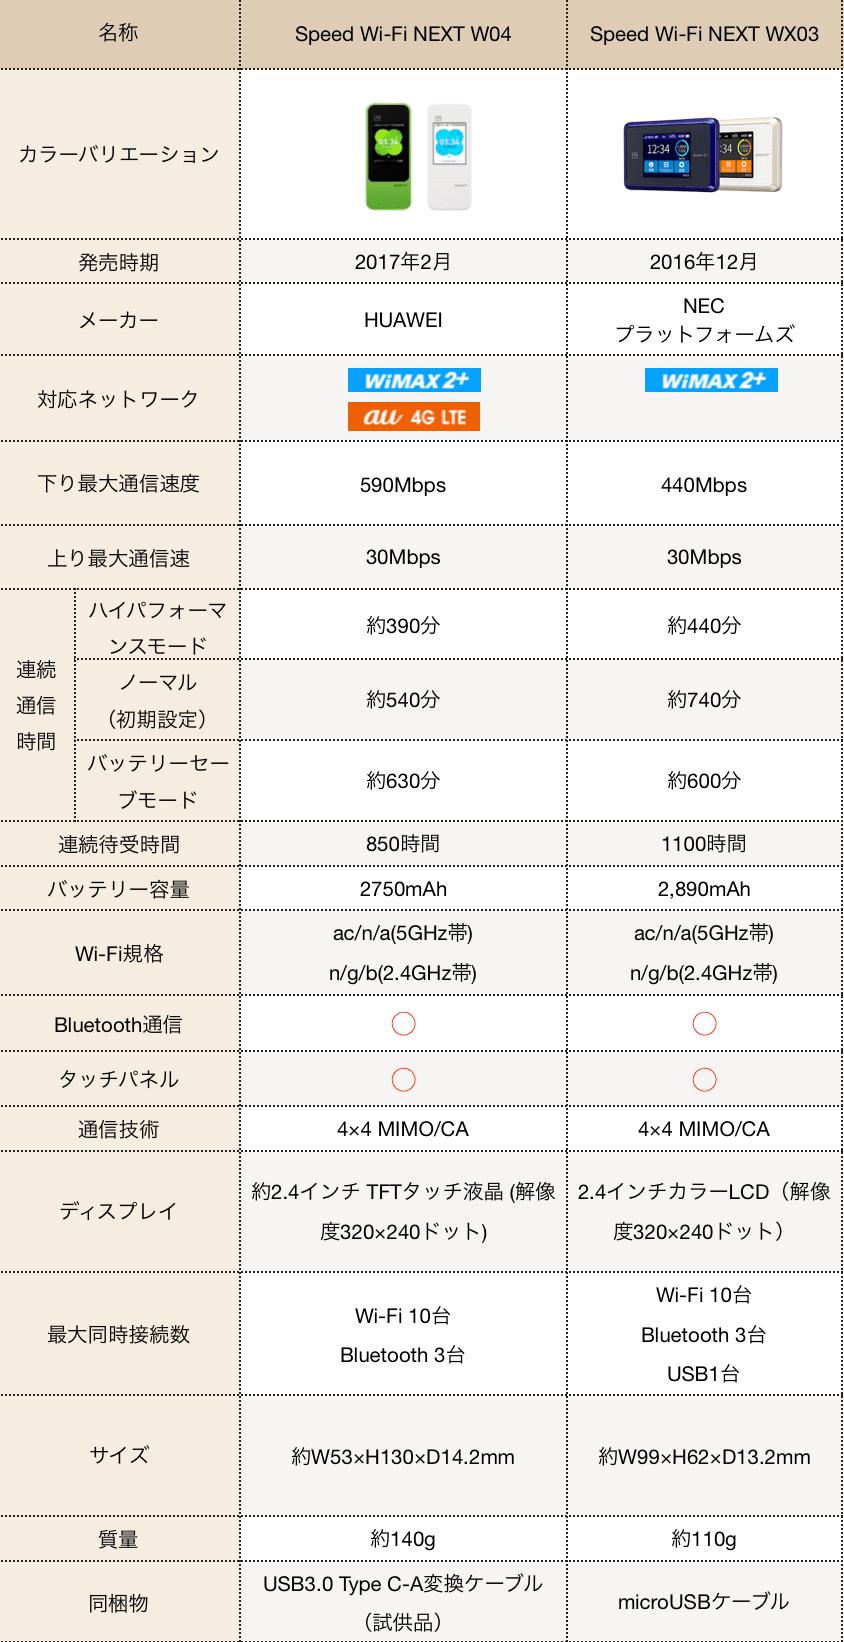 W04とWX03の詳細比較